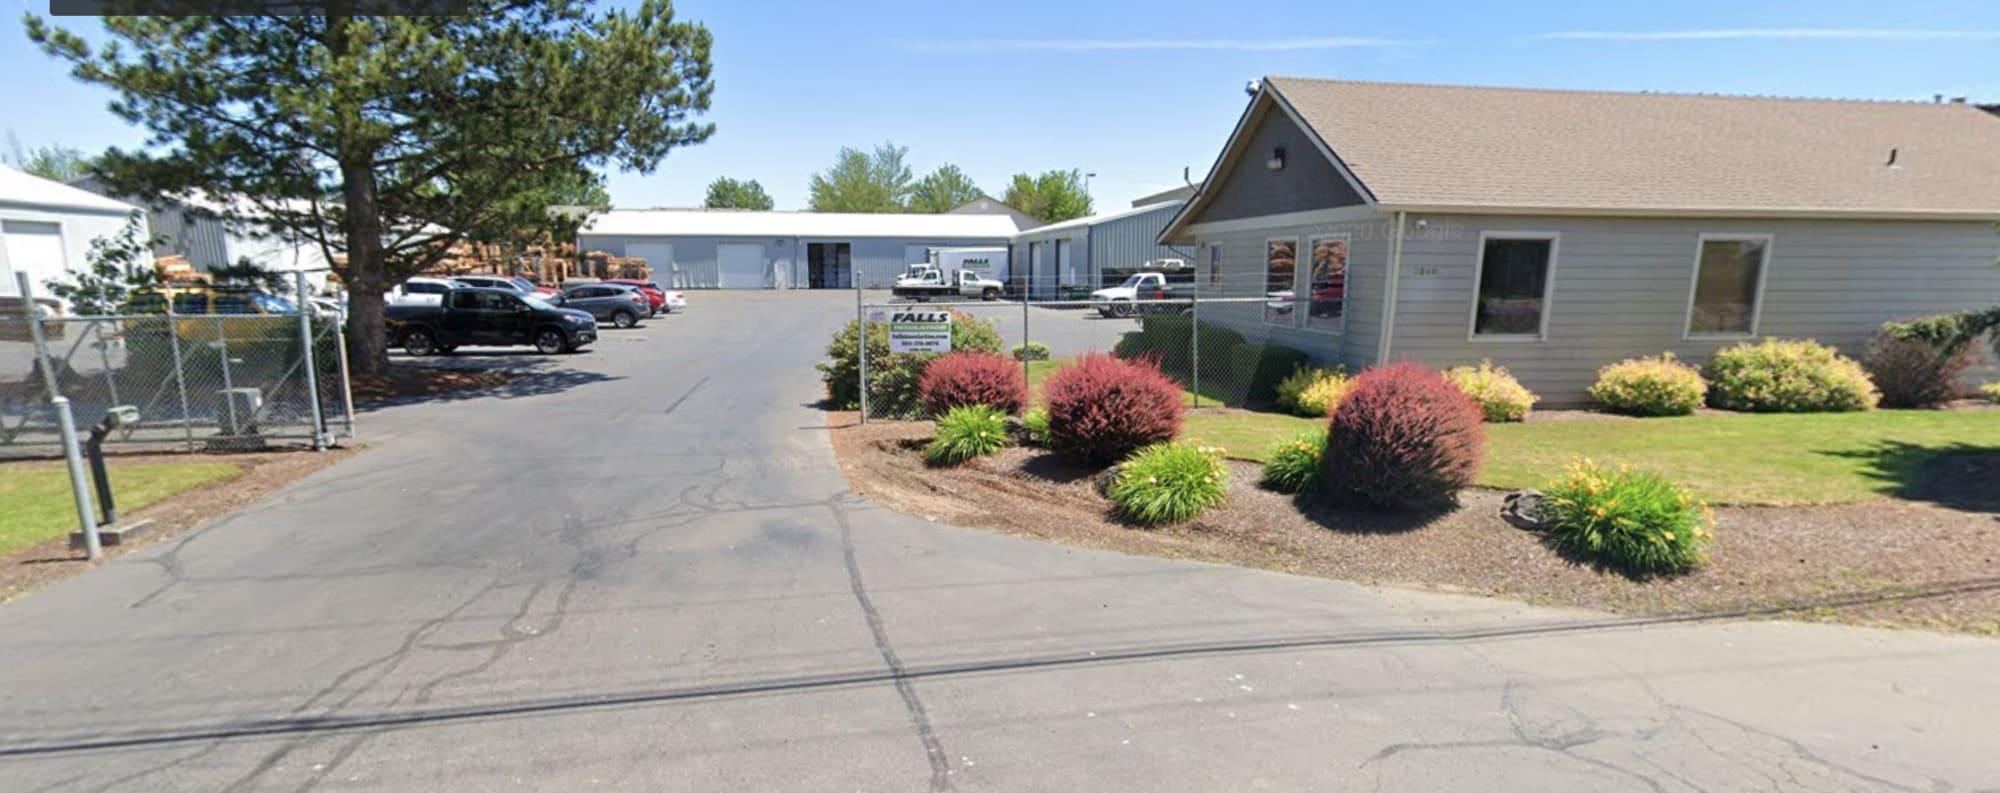 PG Long Flooring store - 3250 Fisher Rd NE Salem, OR 97305